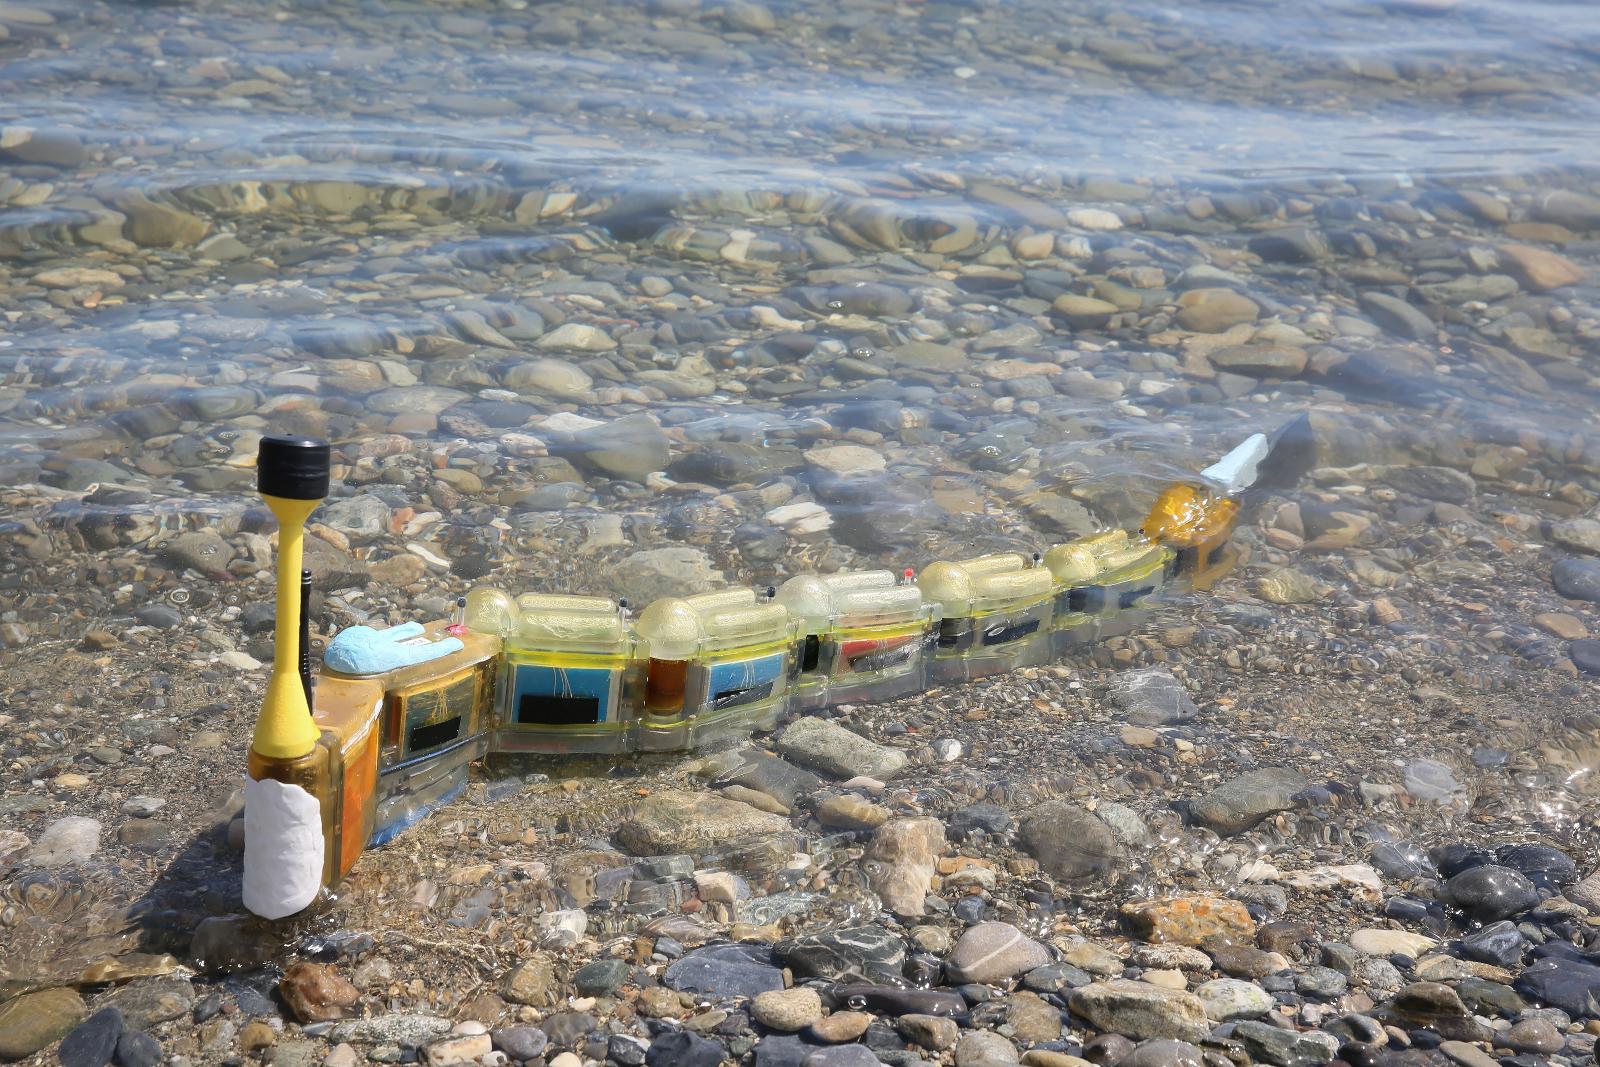 Envirobot หุ่นยนต์ปลาไหลตรวจวัดระดับและหาแหล่งมลพิษทางน้ำ